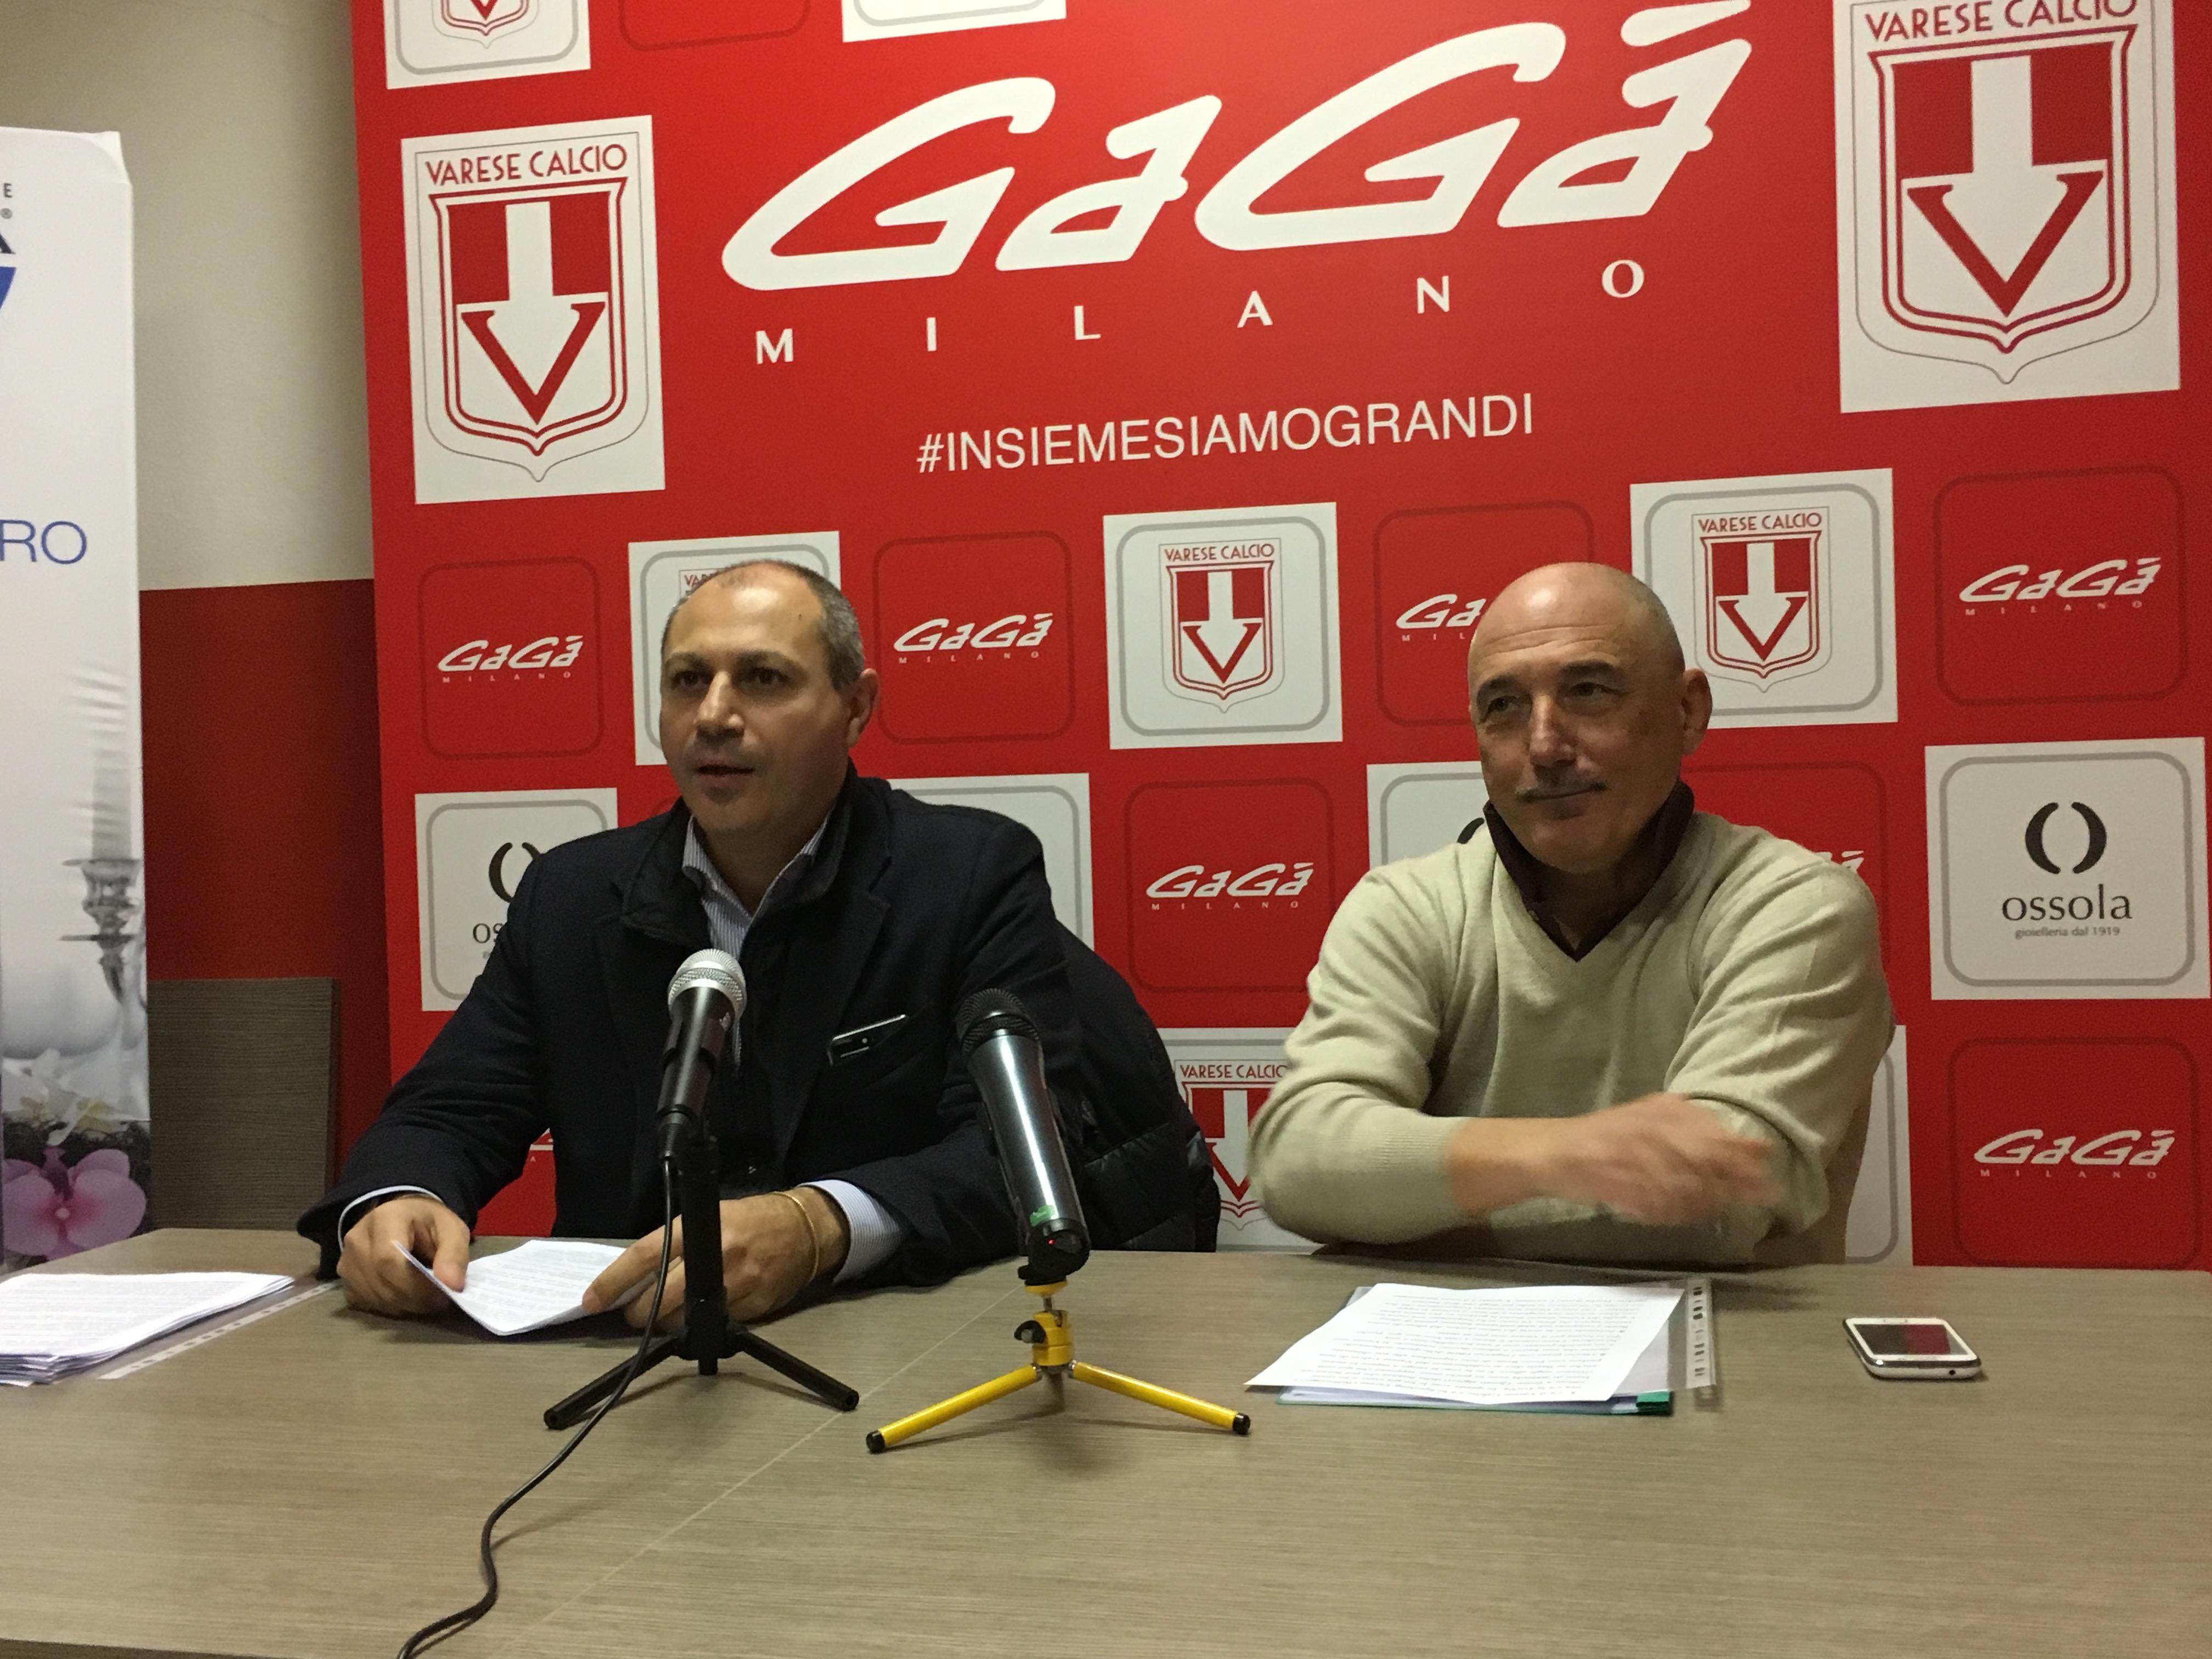 """Ciavarrella e Rosa, appello disperato: """"Situazione drammatica. Ridateci il Varese"""" – VIDEO"""